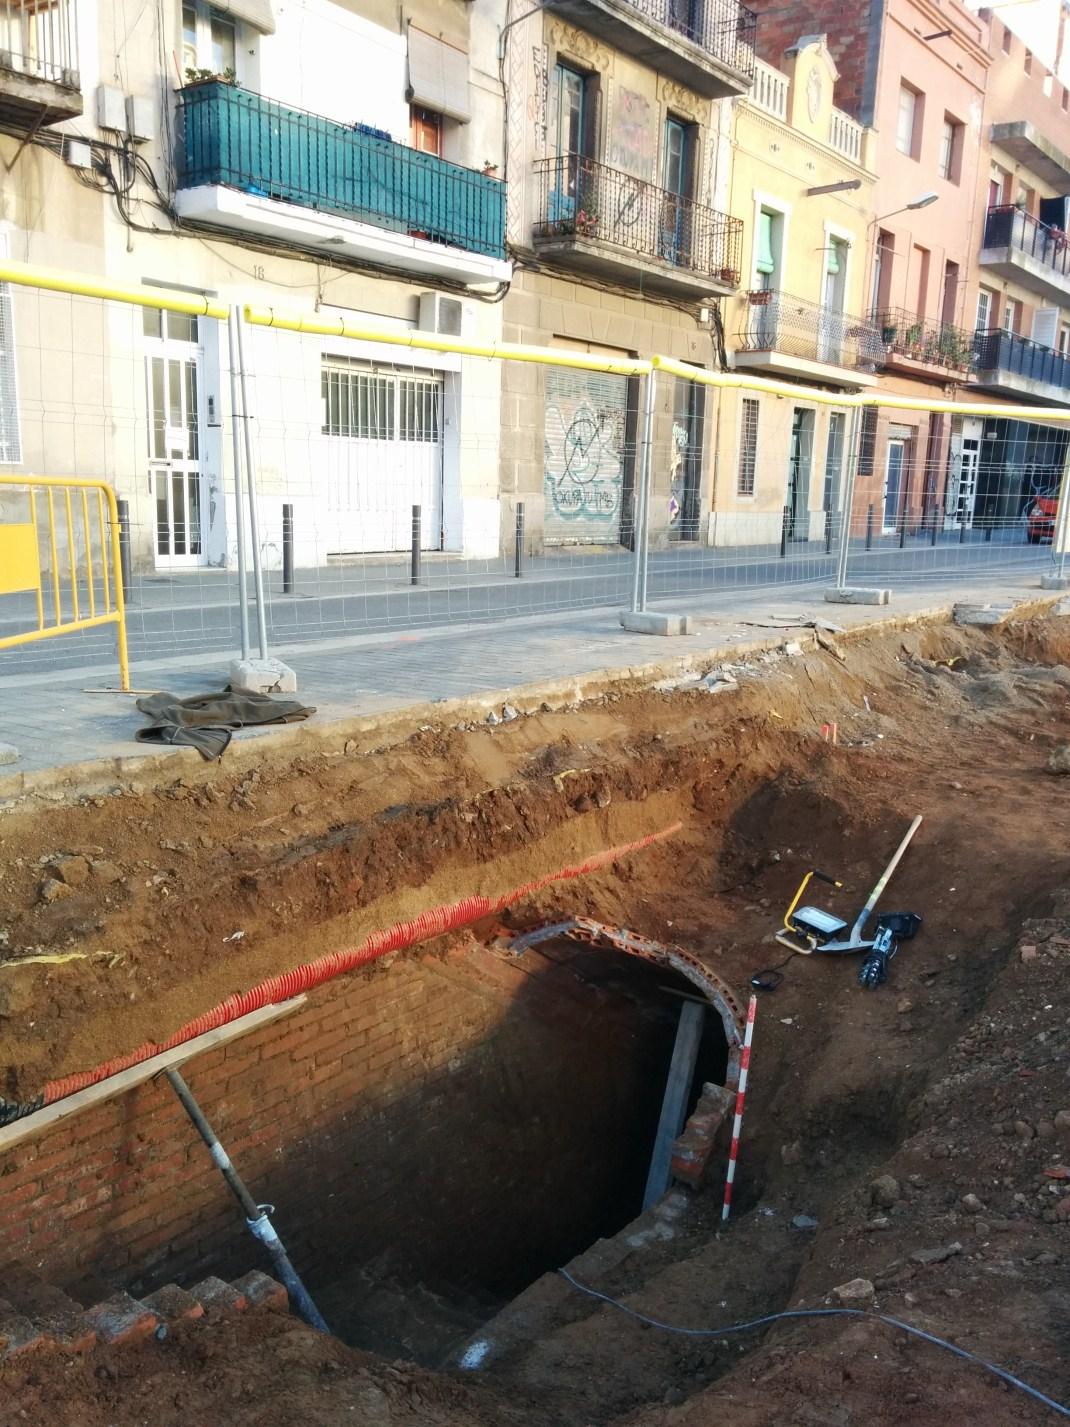 Entrada del refugi núm. 722 al carrer de Burgos. Foto: SABCN